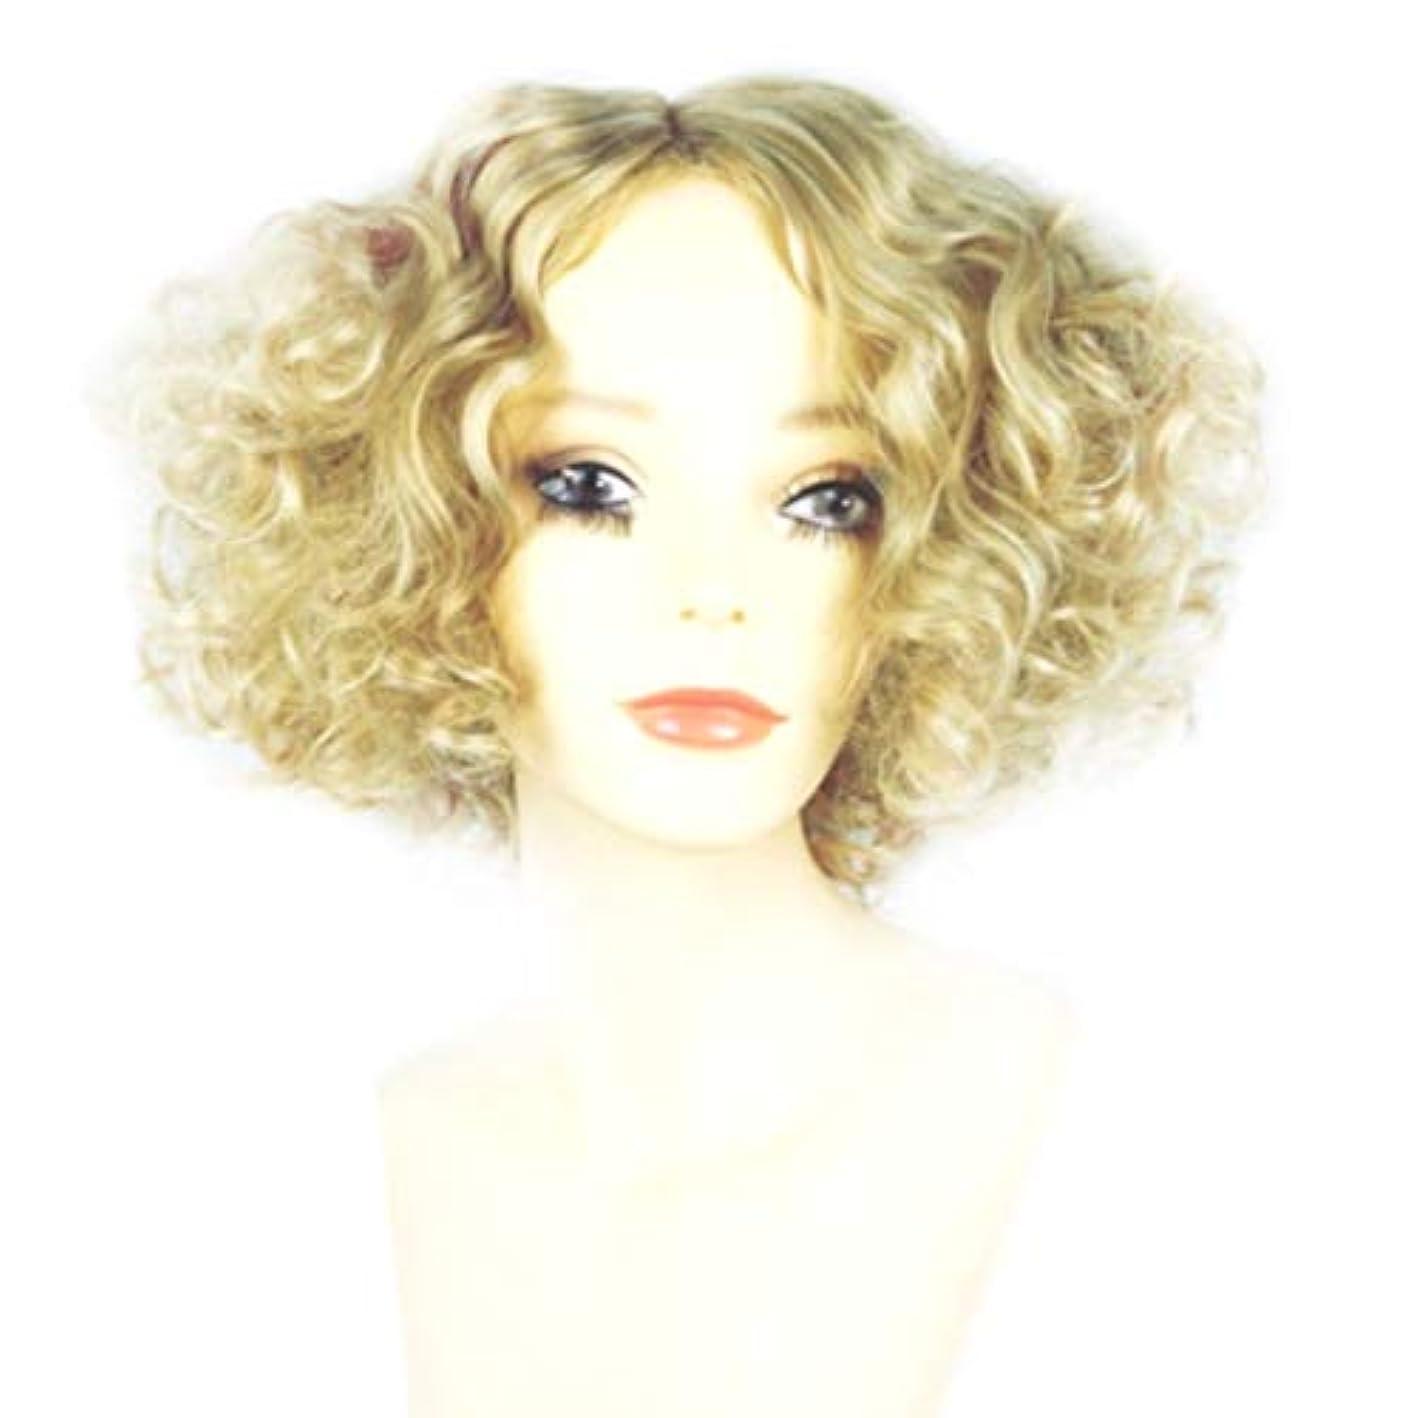 電気陽性プランテーションよりKerwinner 女性のための短い巻き毛のかつらブロンドのボブの髪かつら自然に見える耐熱合成かつら